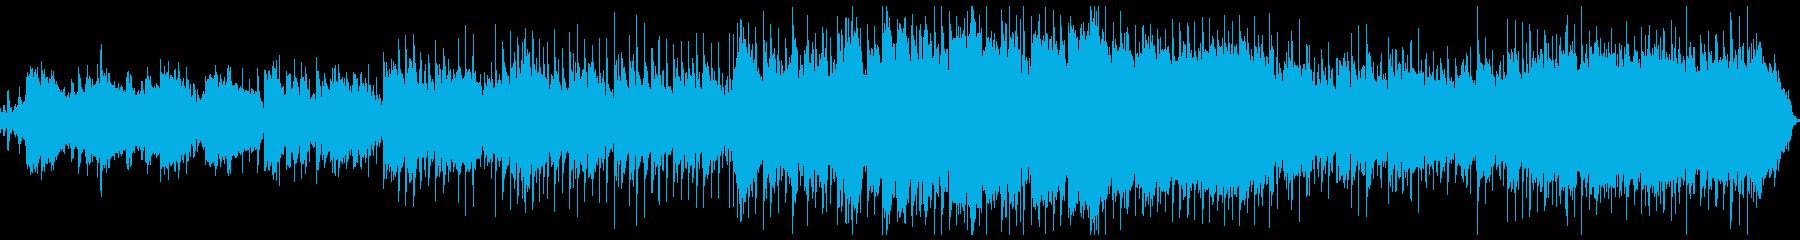 スロー。ピアノバー。ハーモニカ&サ...の再生済みの波形